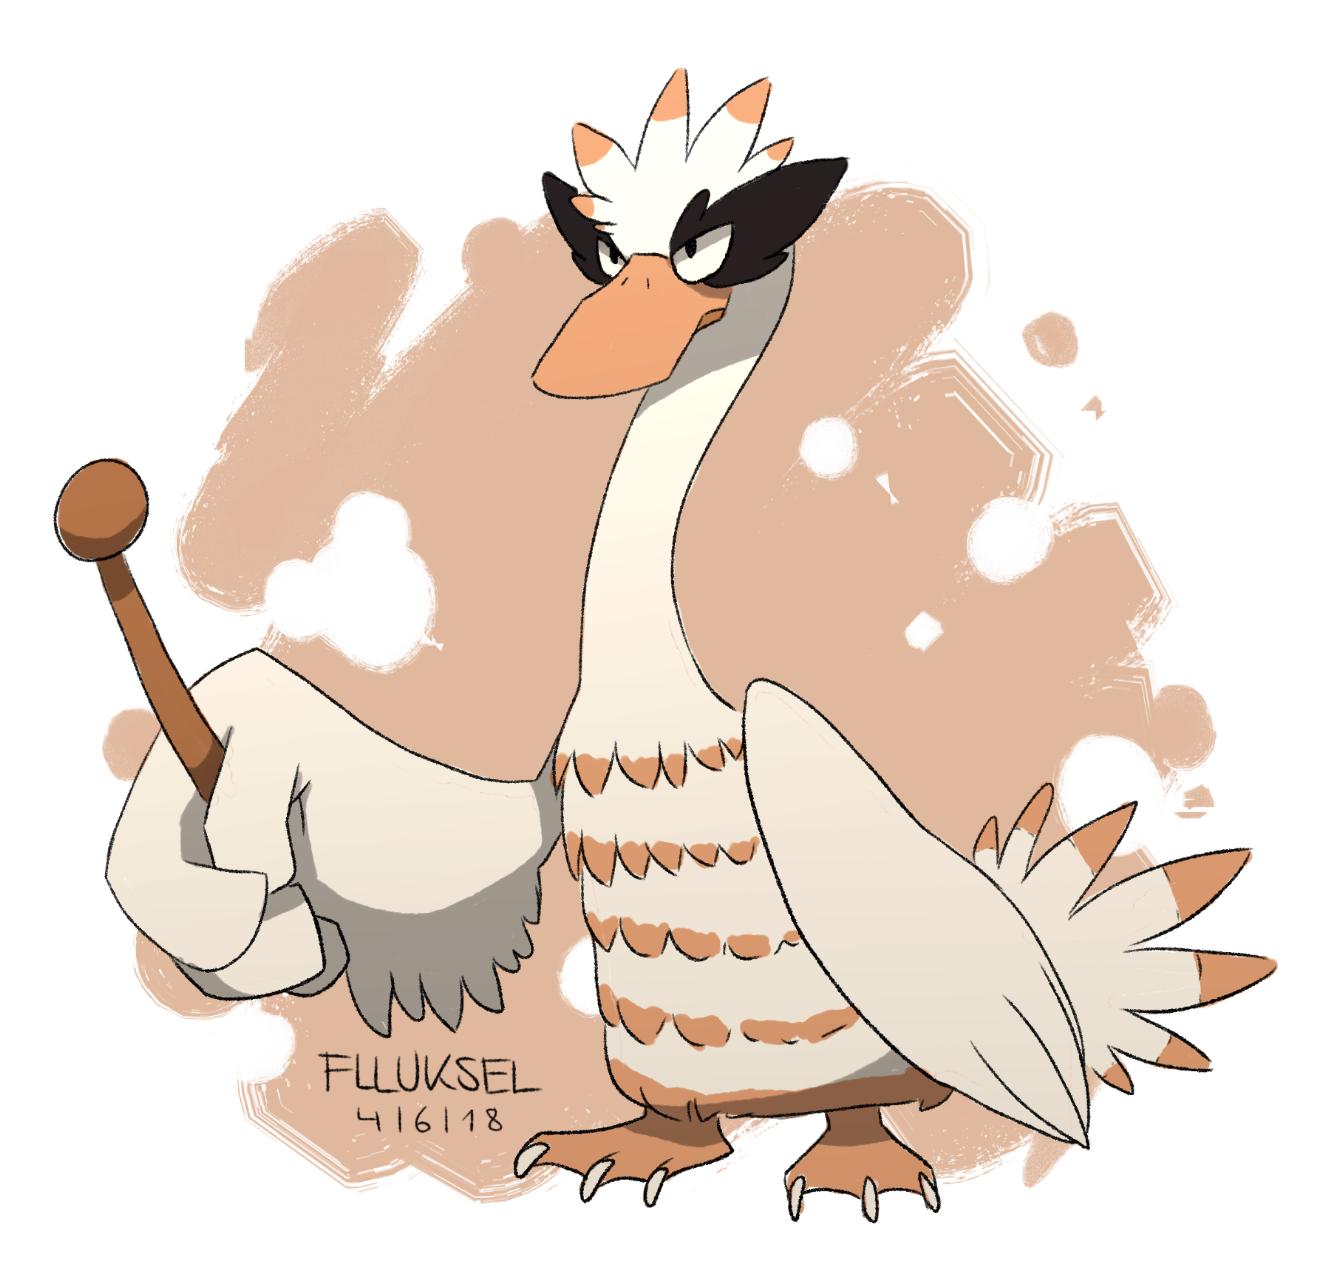 Pokémon-Zeichnung: Porenta's Beta Entwicklung